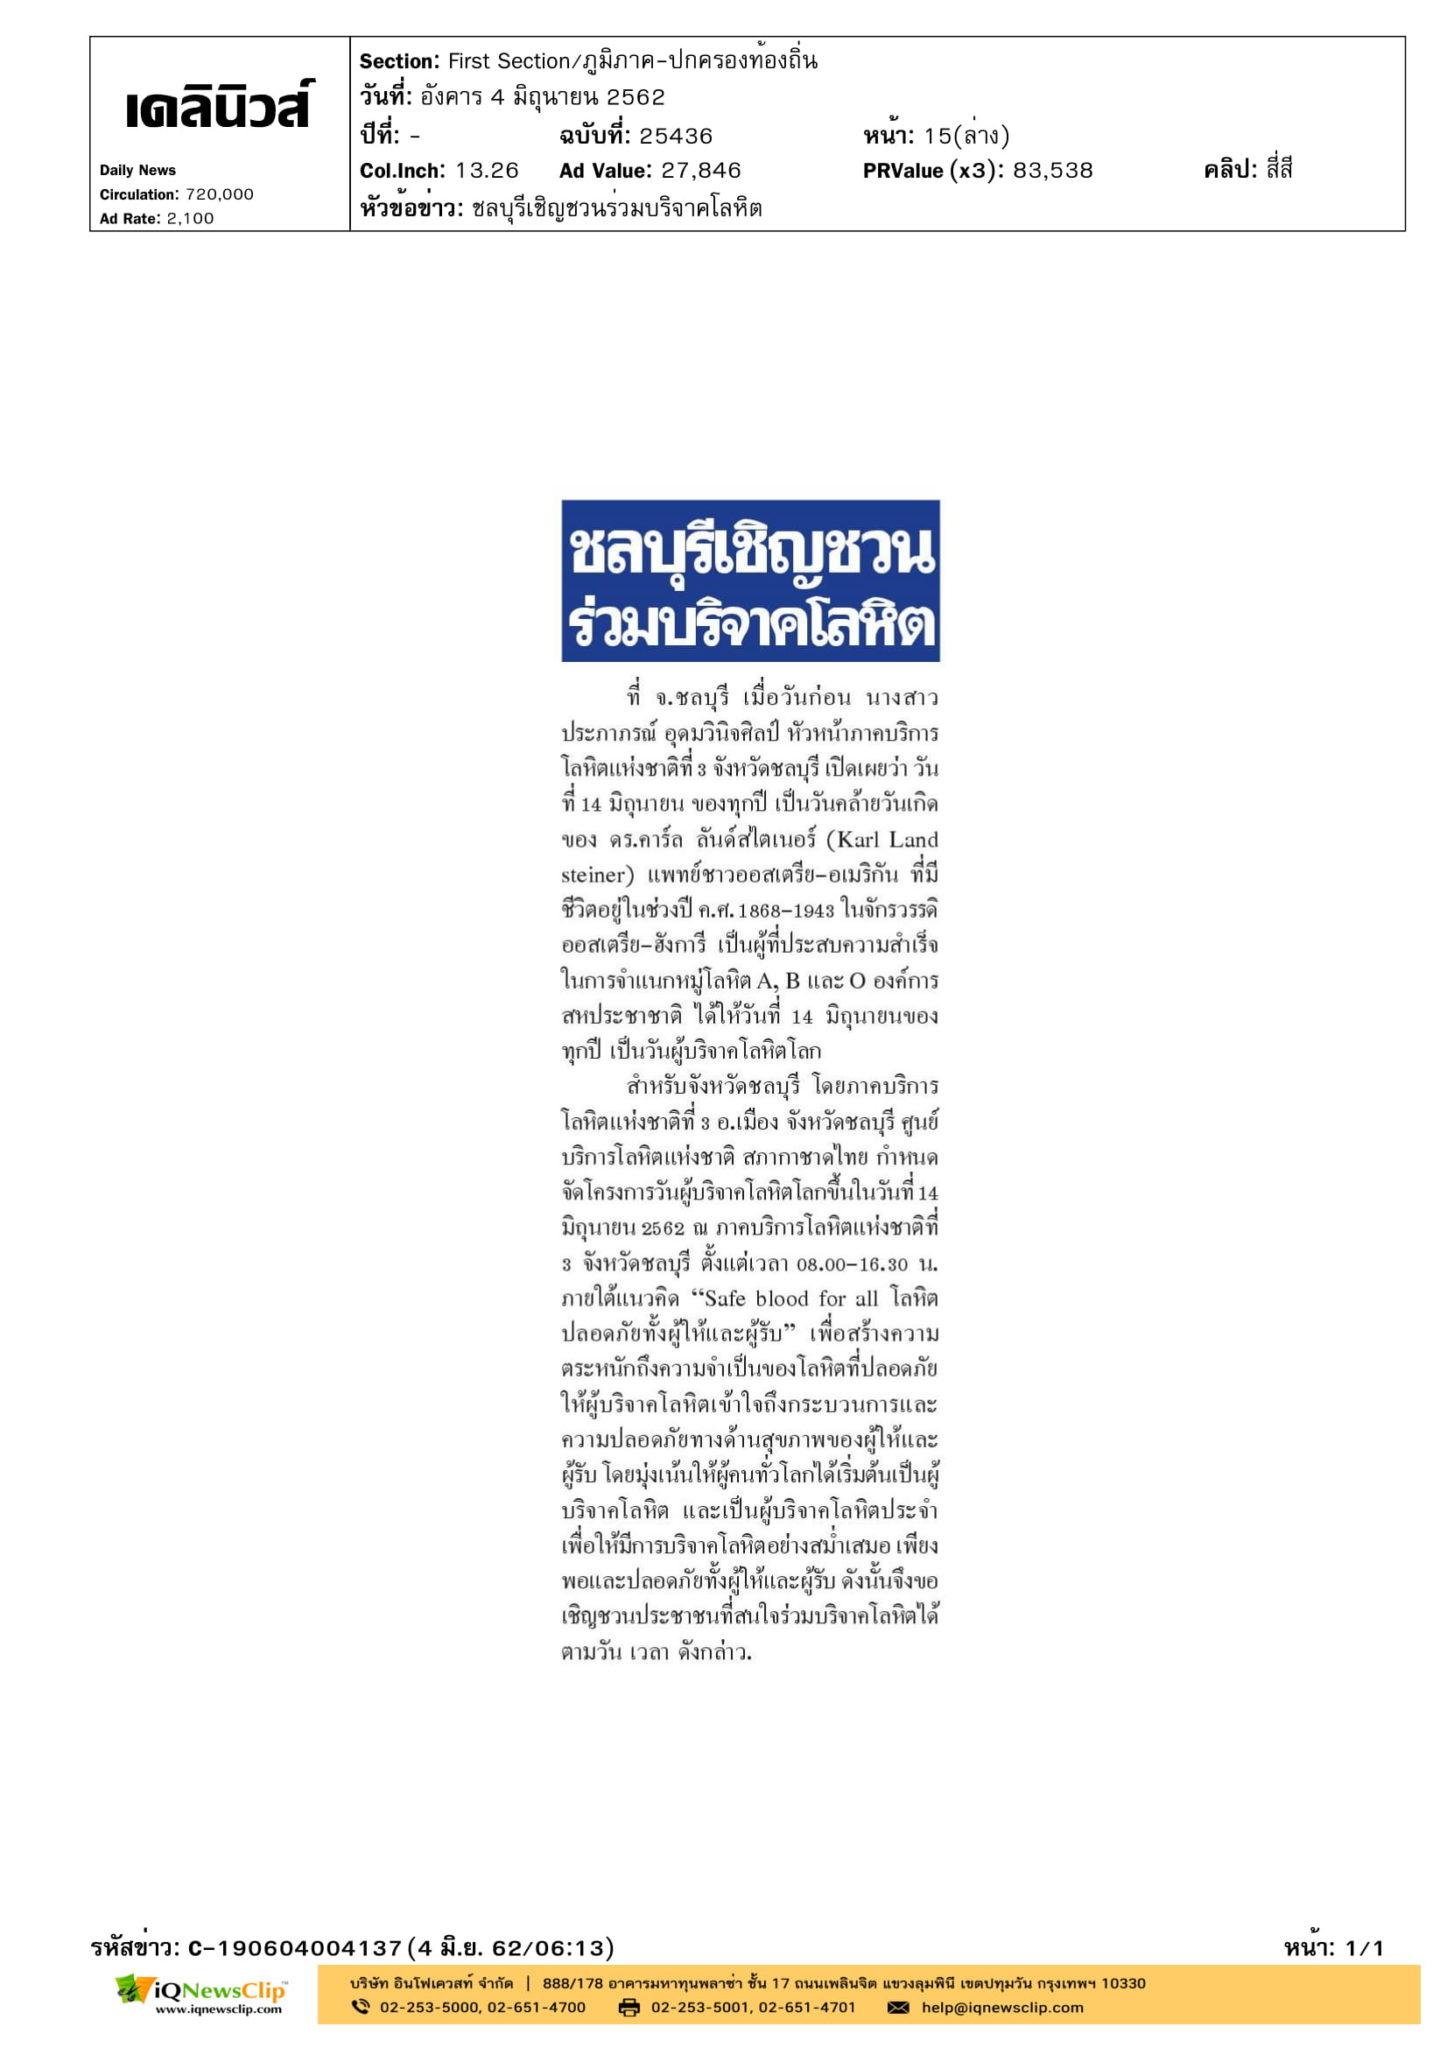 ภาคบริการโลหิตแห่งชาติที่ 3 จ.ชลบุรี เชิญชวนประชาชนร่วมบริจาคโลหิต